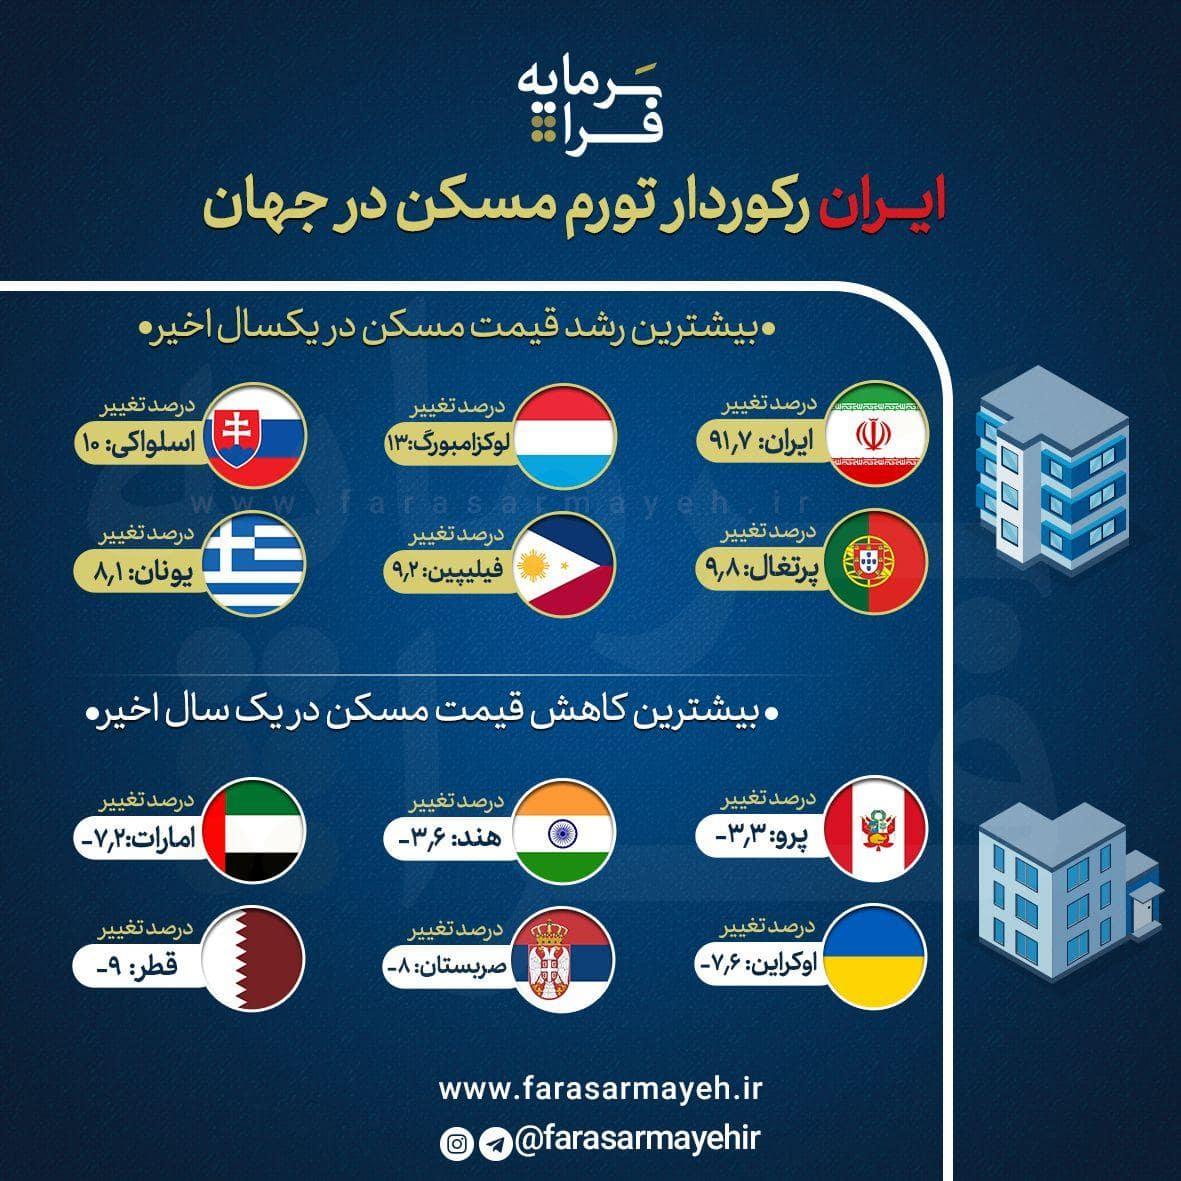 ایران رکوردار تورم مسکن در جهان